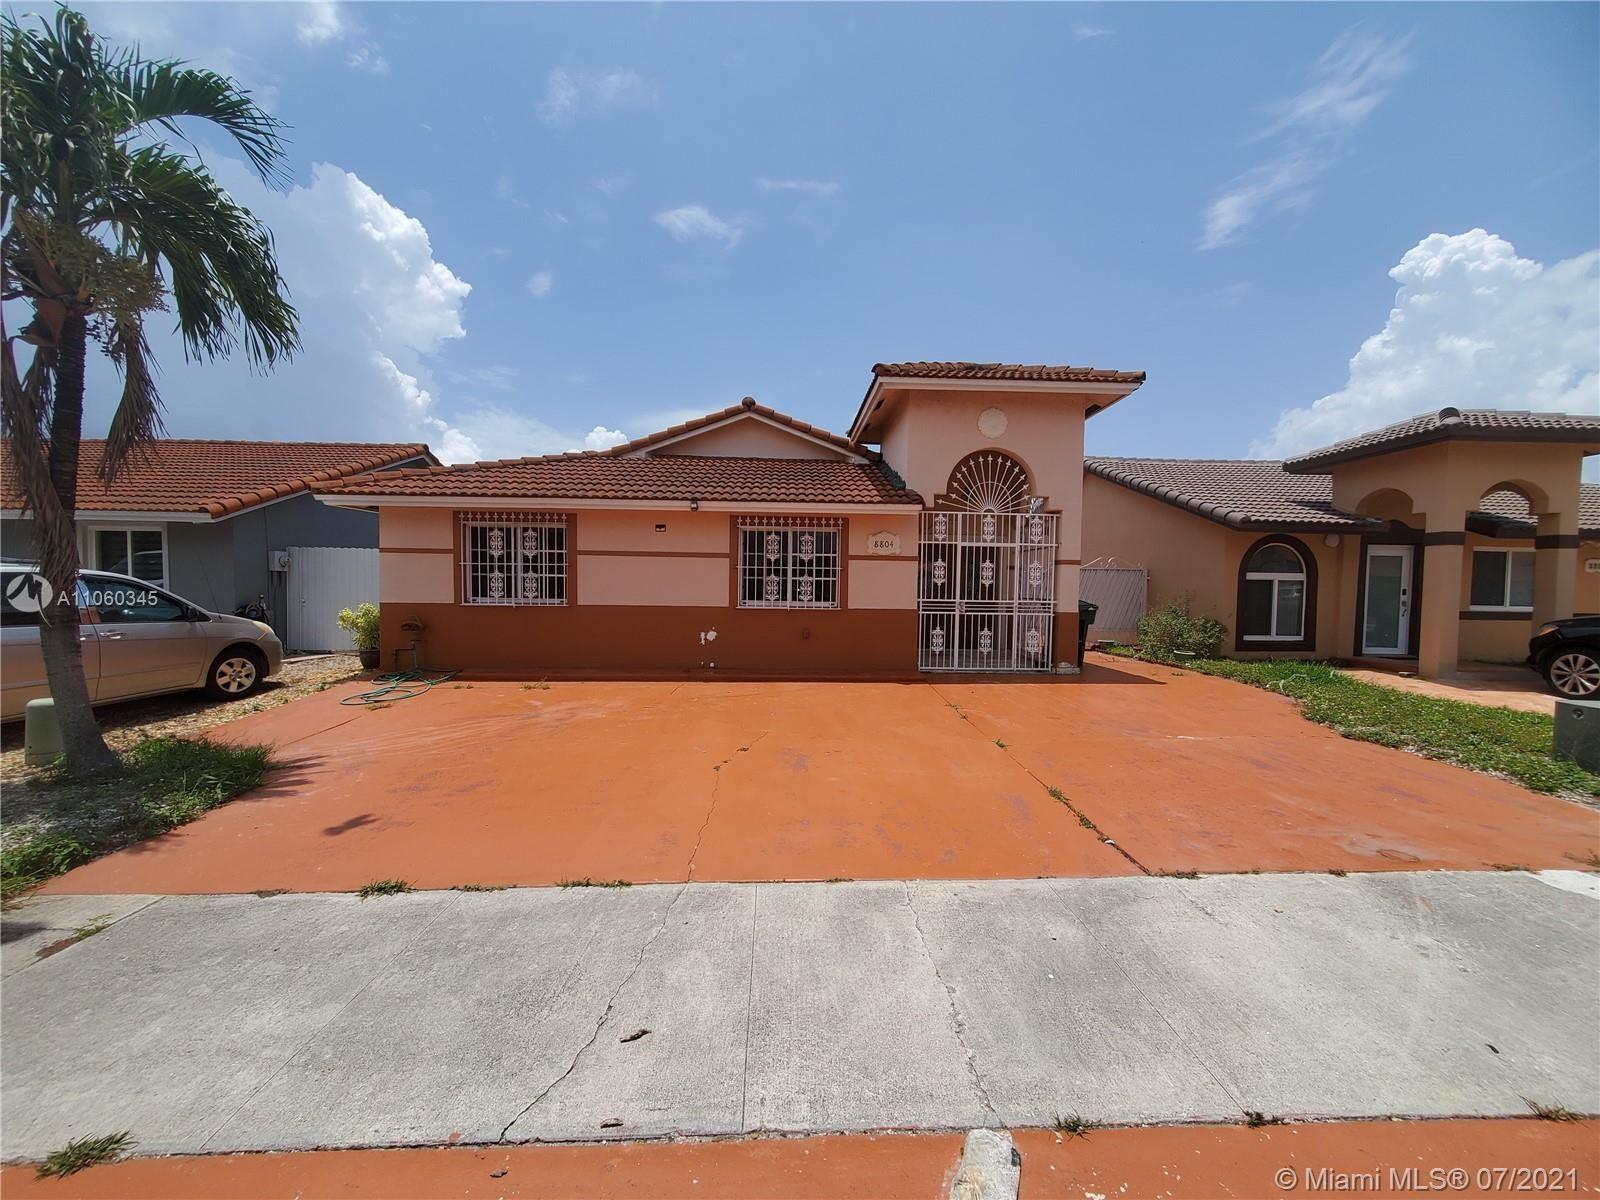 8804 NW 110th St, Hialeah Gardens, FL 33018 - #: A11060345